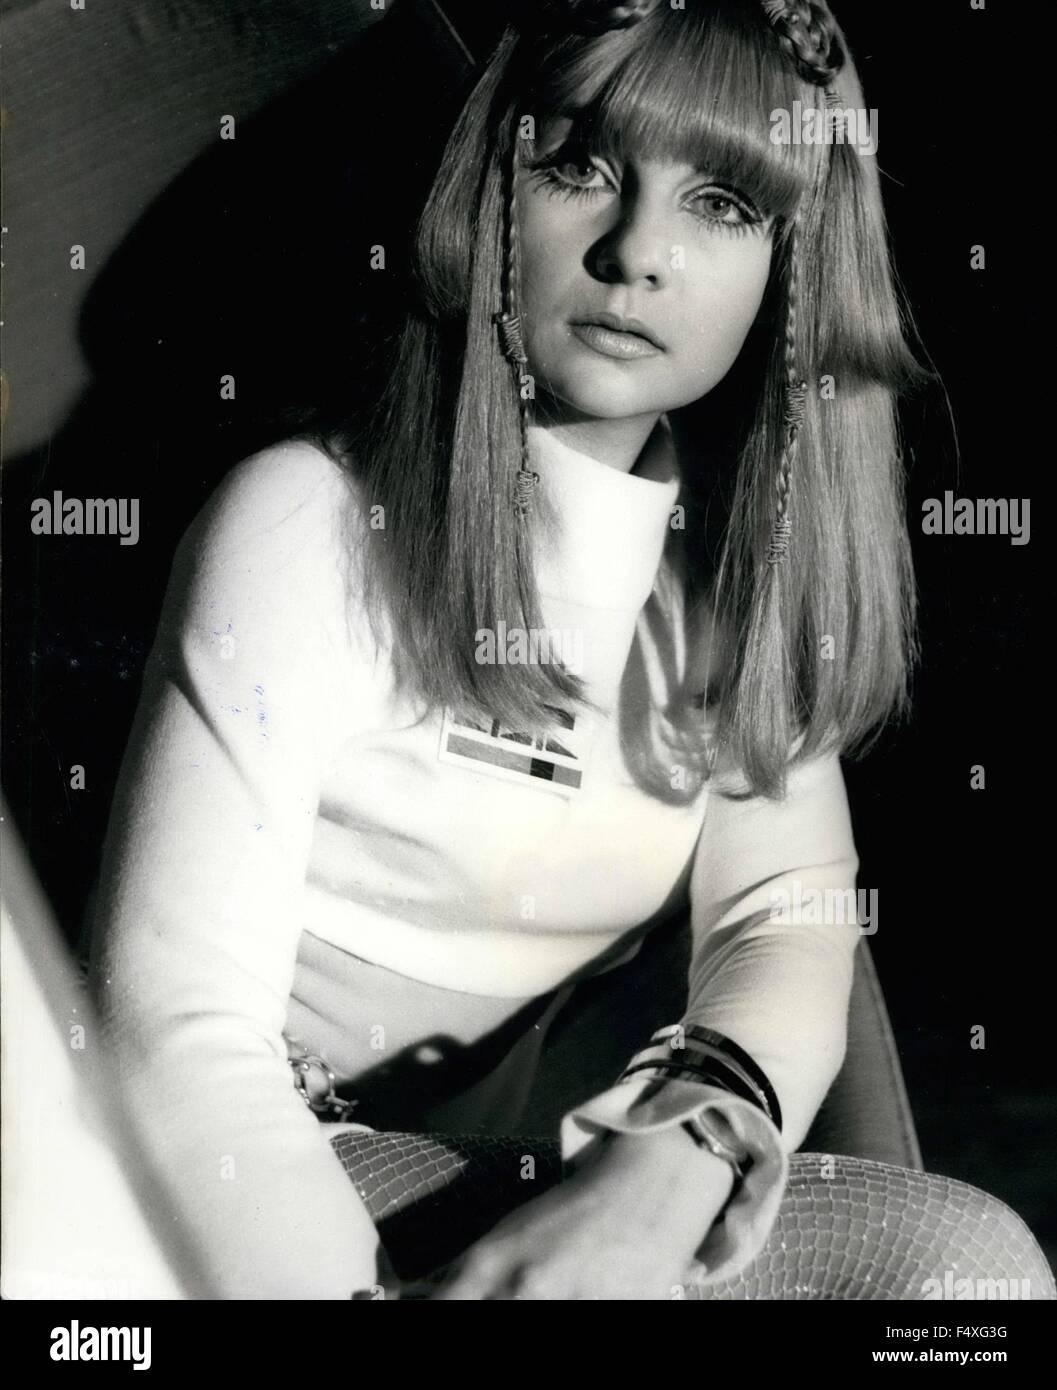 Chrissie Shrimpton Now